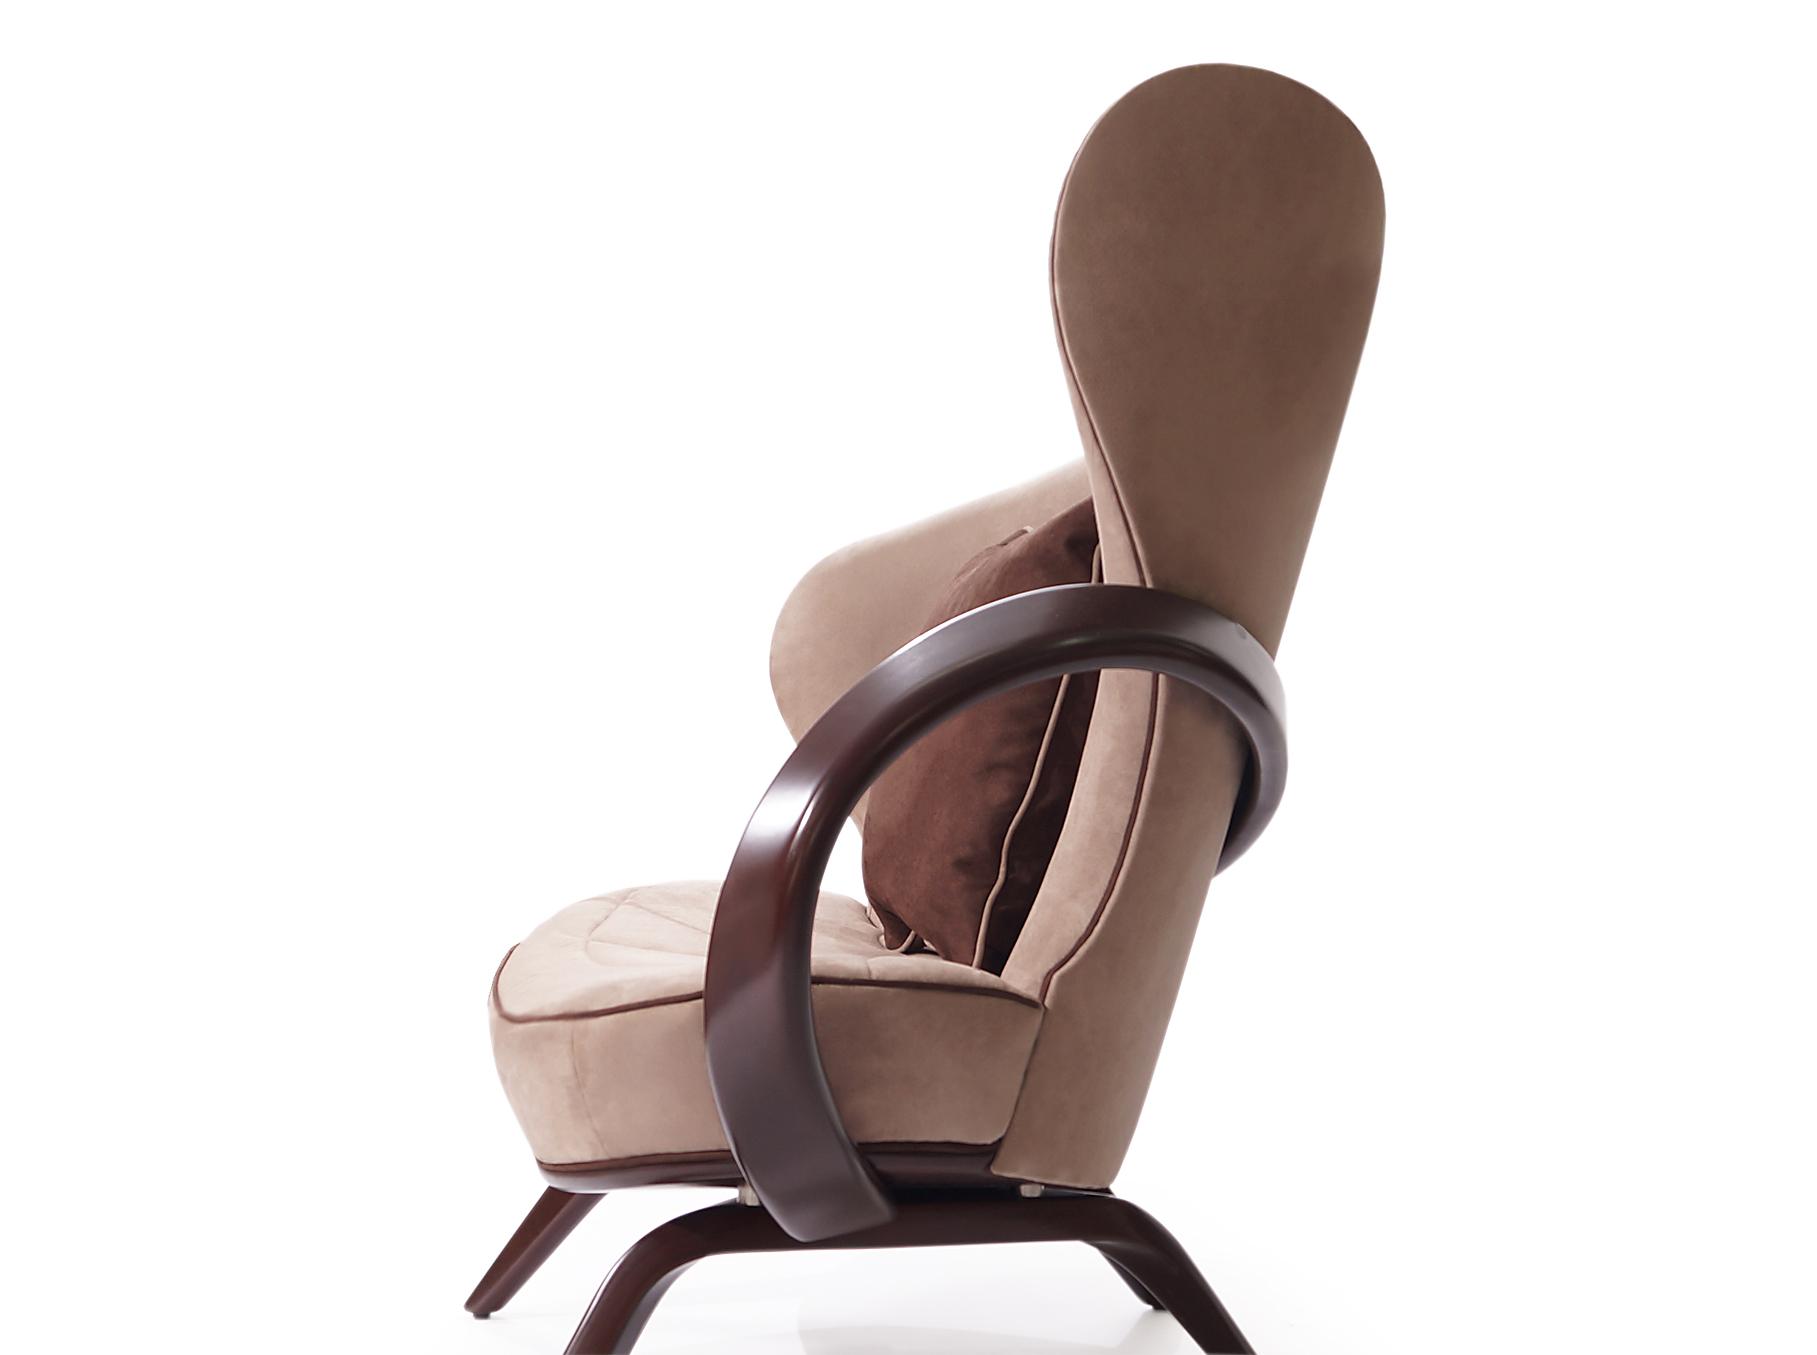 мягкое кресло для отдыха купить